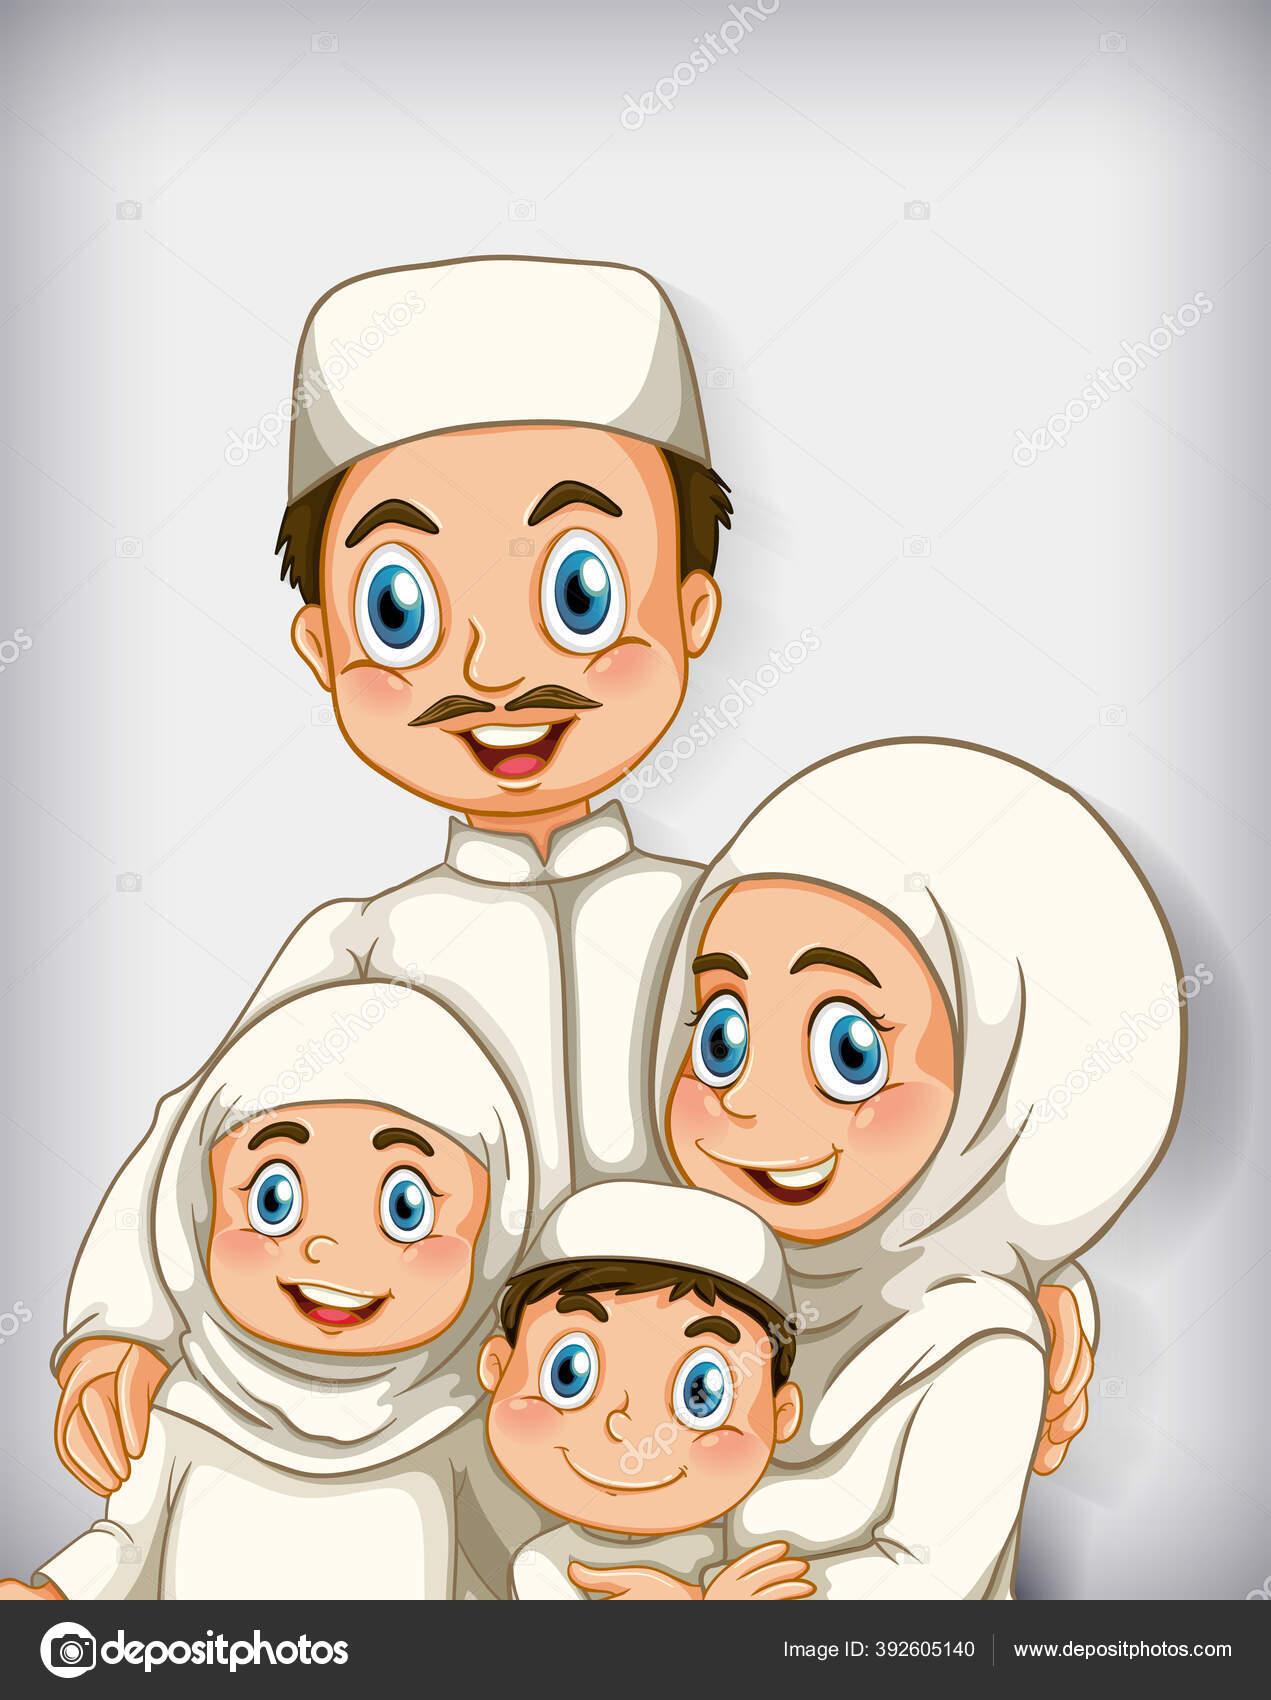 Gambar Anggota Keluarga Muslim : gambar, anggota, keluarga, muslim, Muslim, Family, Clipart, Vektörler, Grafikleri, Sayfa, Depositphotos®